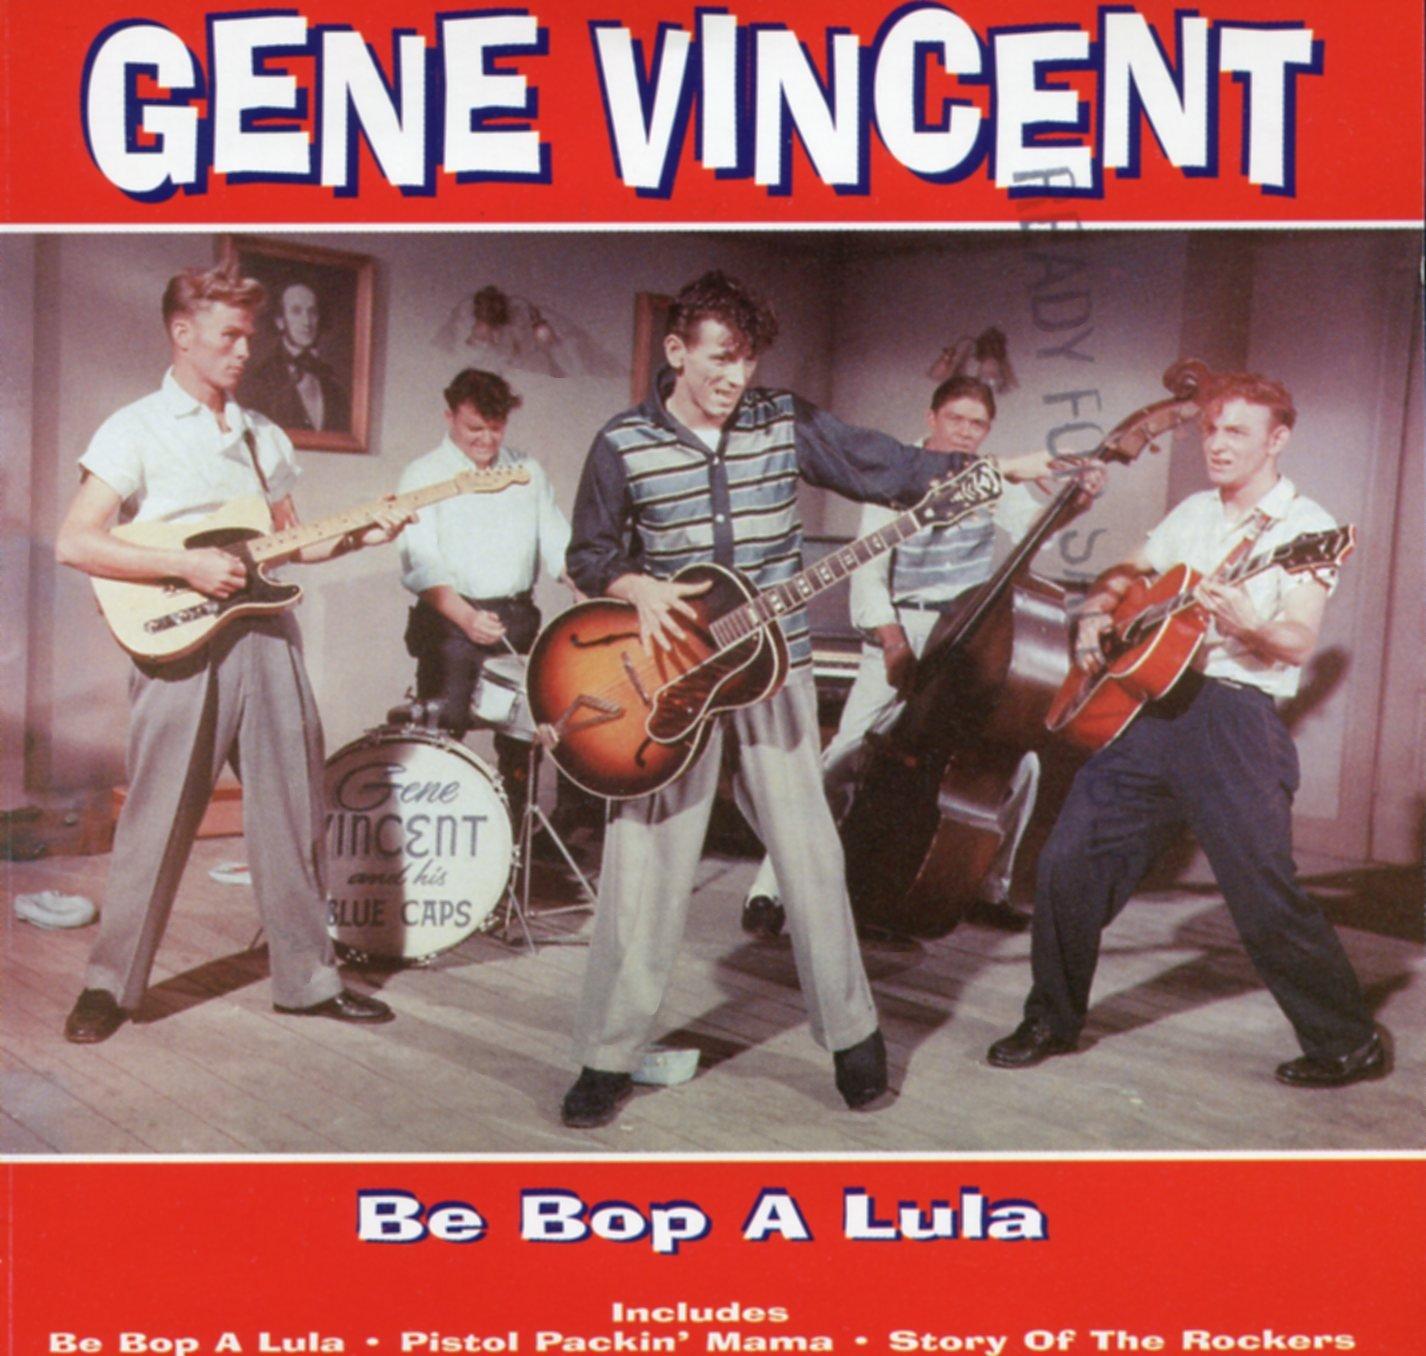 Gene Vincent Be Bop A Lula - Amazon.com Music